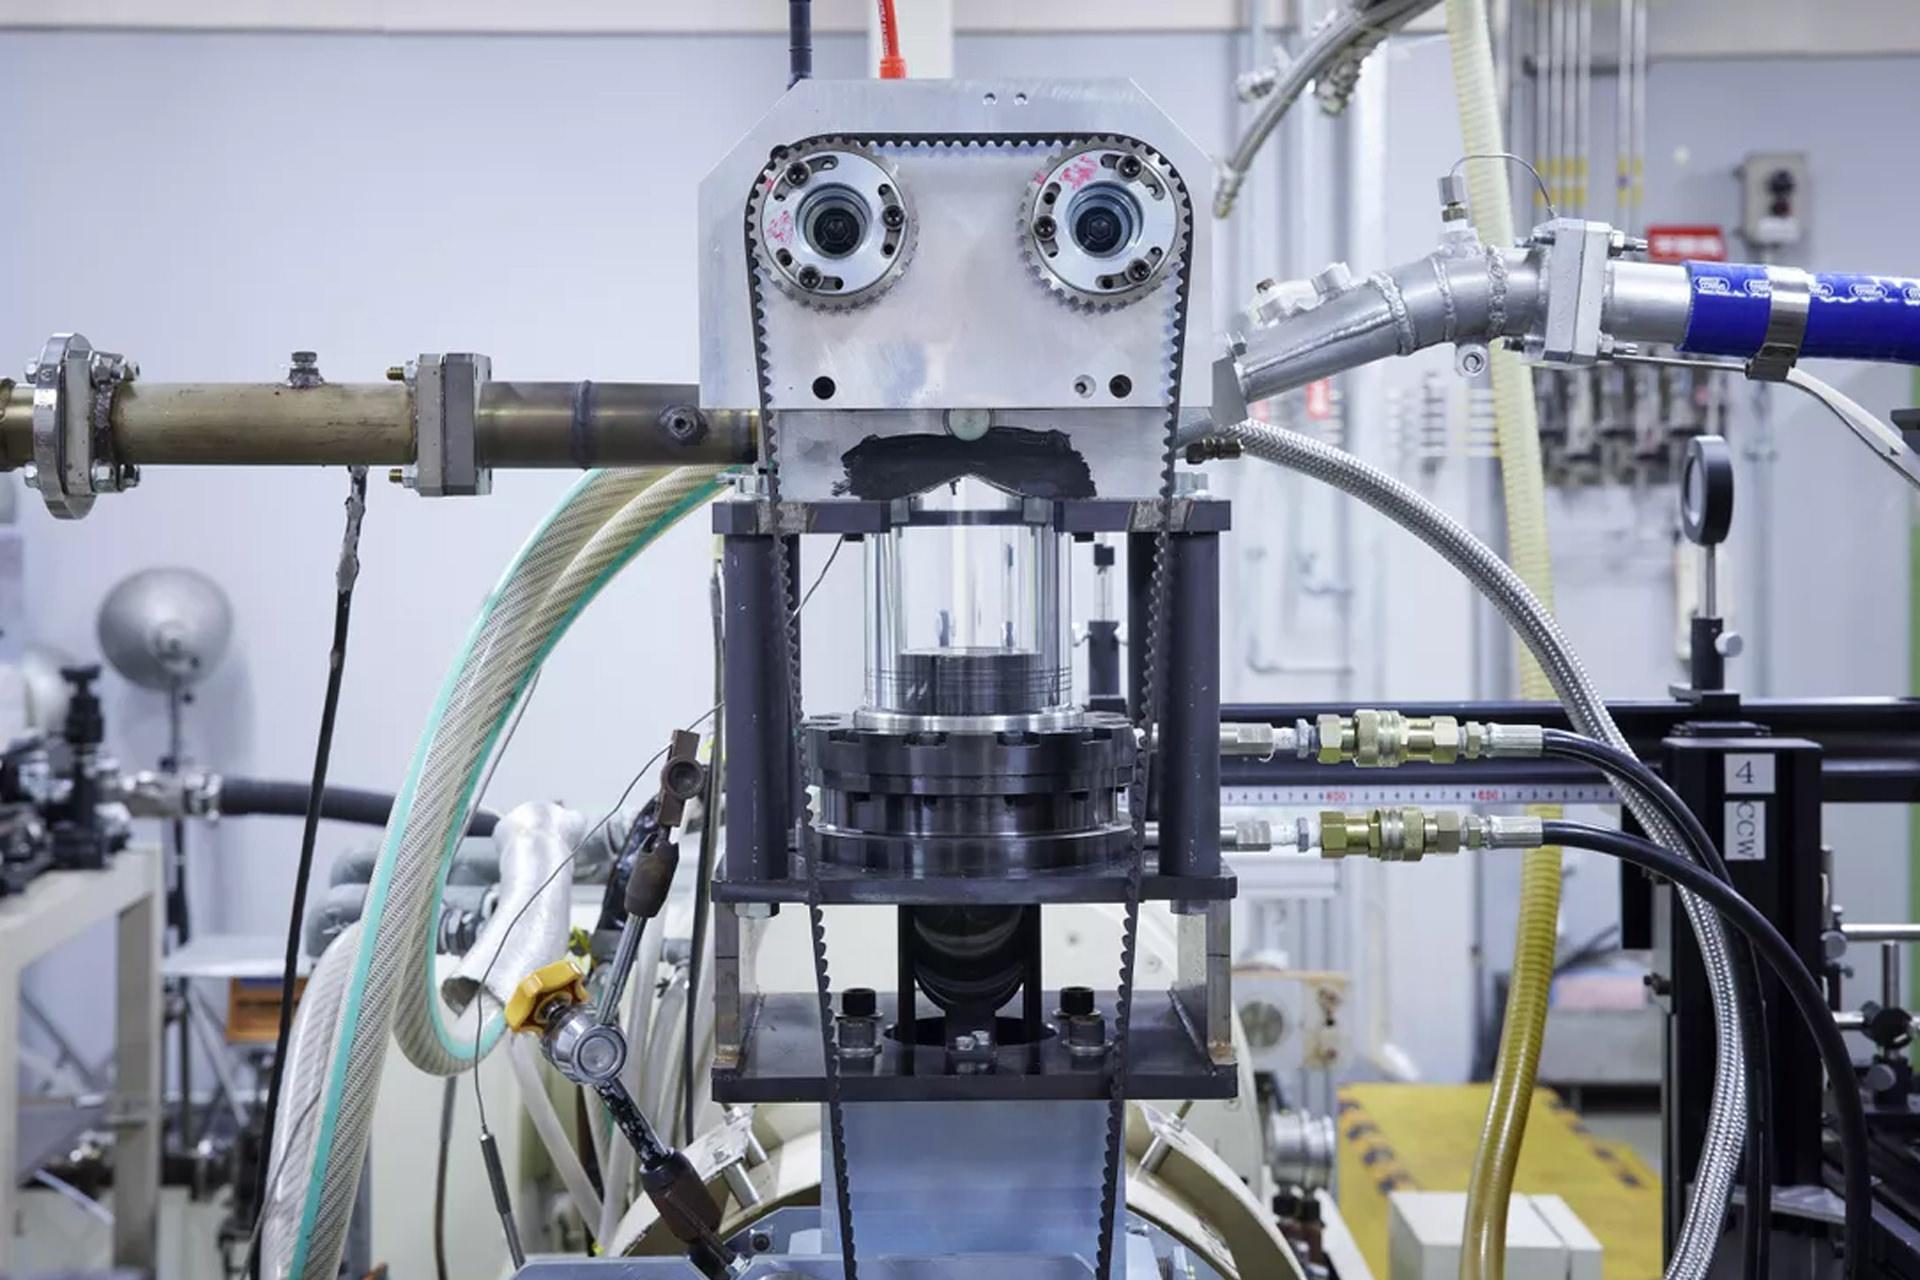 نیسان موتور بنزینی با بازده حرارتی ۵۰ درصدی تولید کرده است